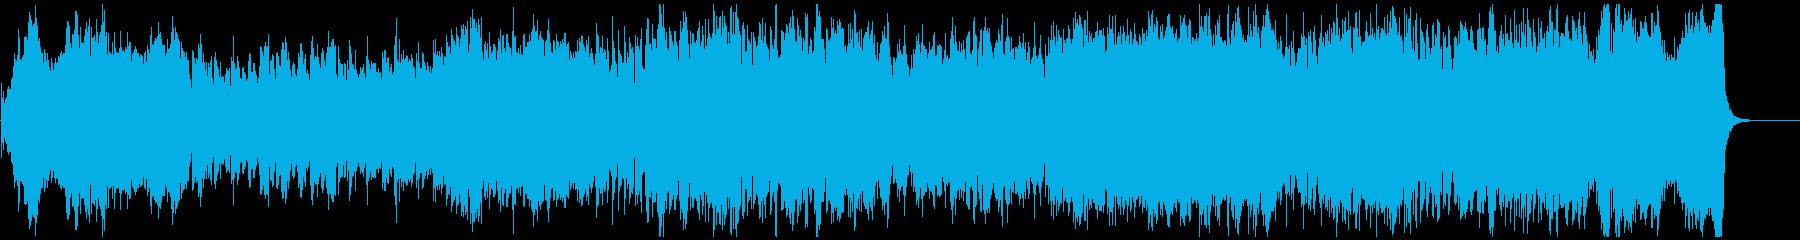 王道なハロウィンの再生済みの波形